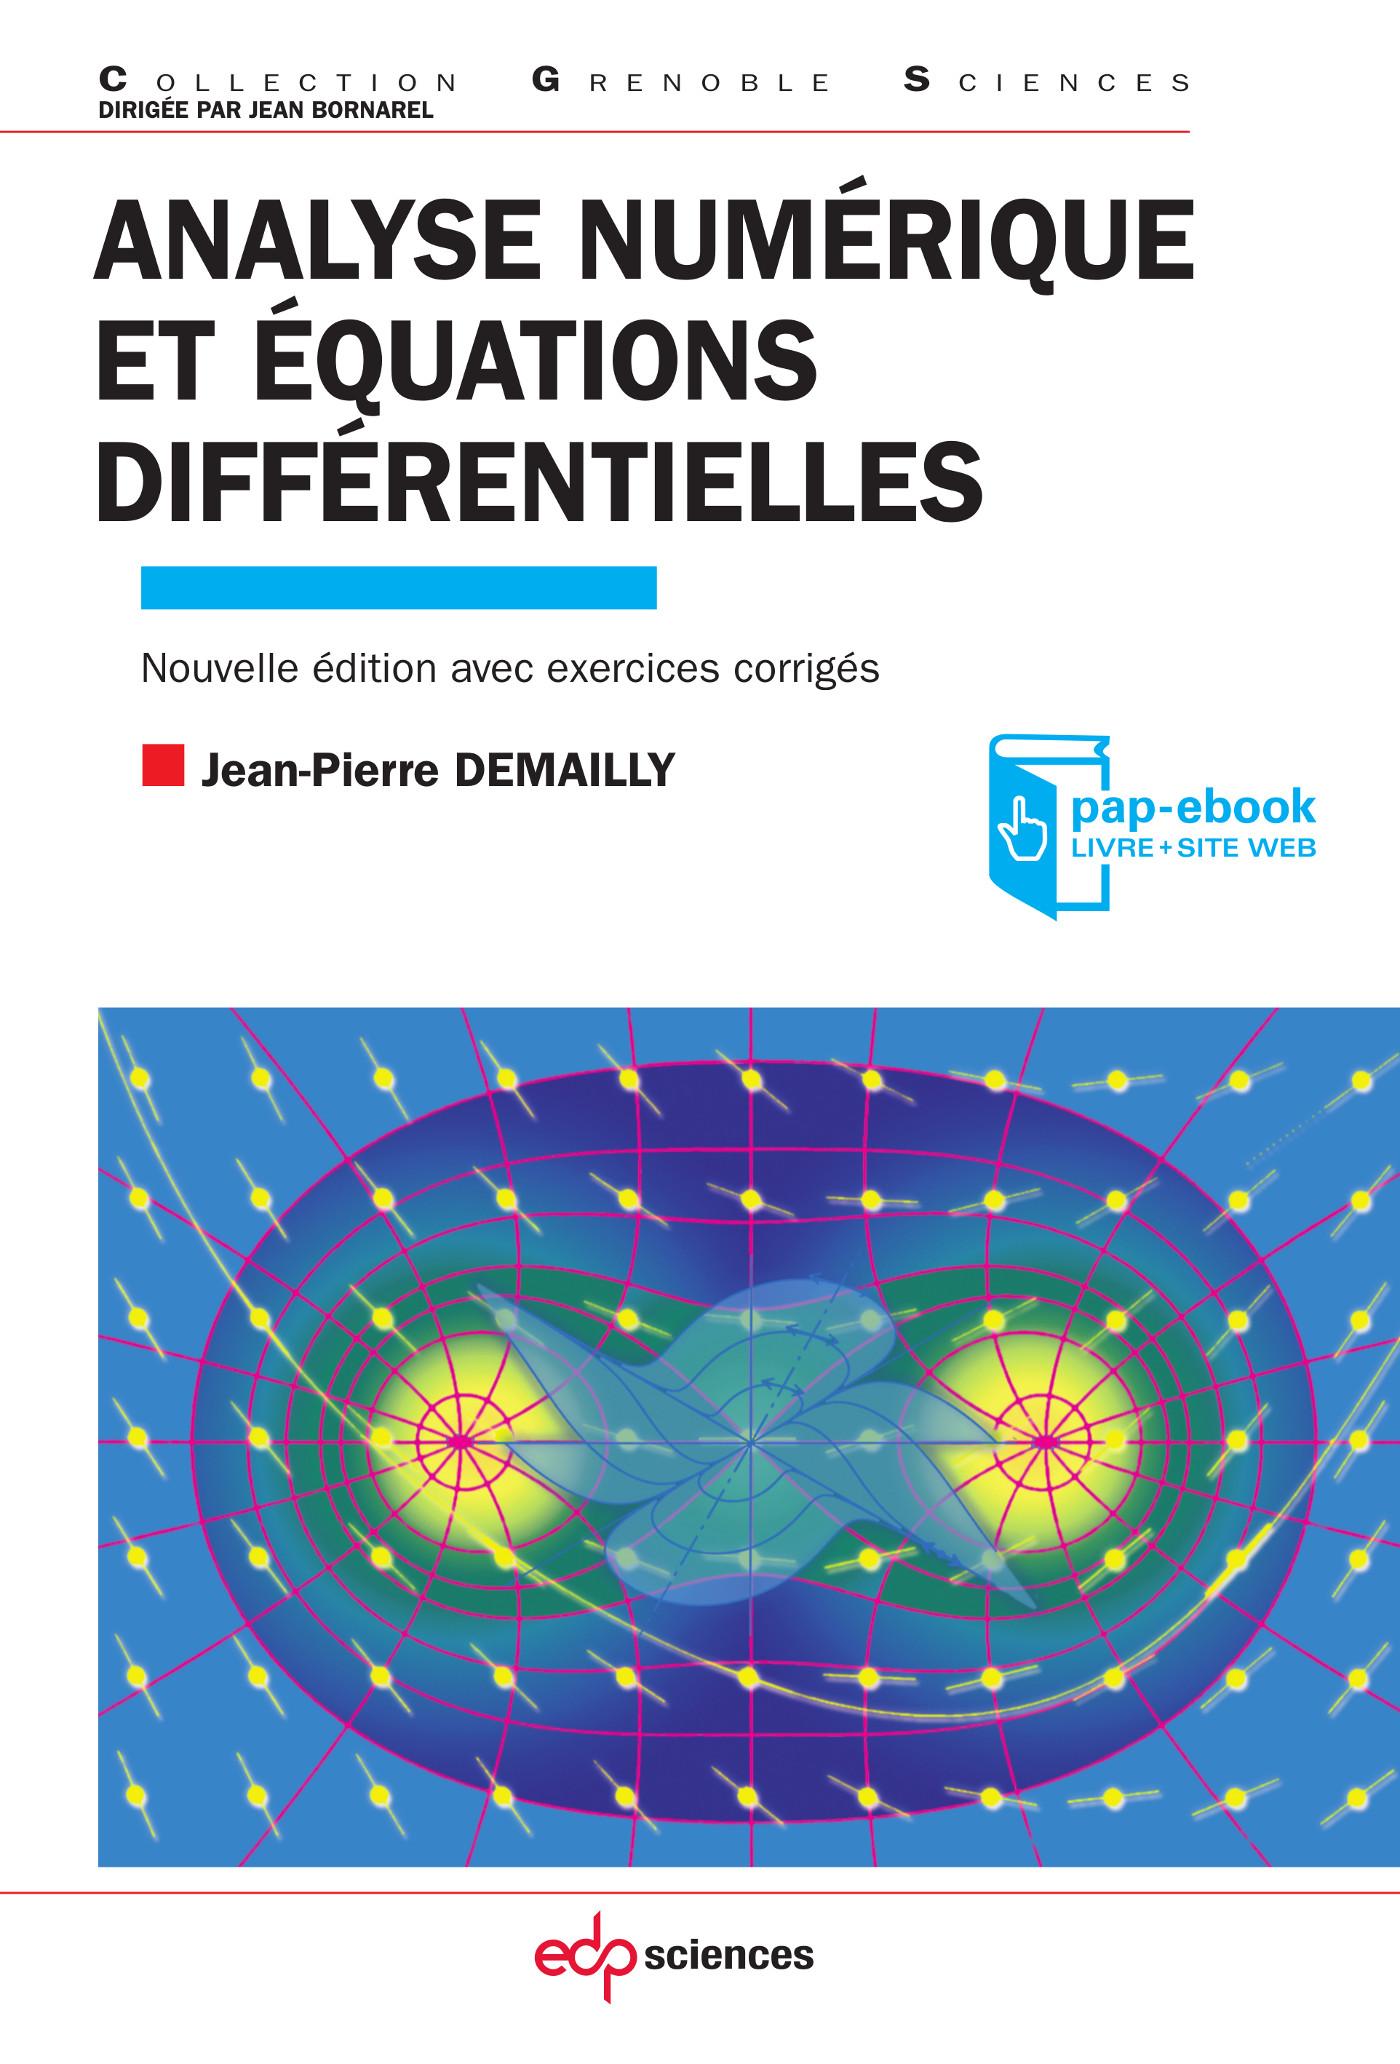 Analyse numérique et équations différentielles - 4ème Ed